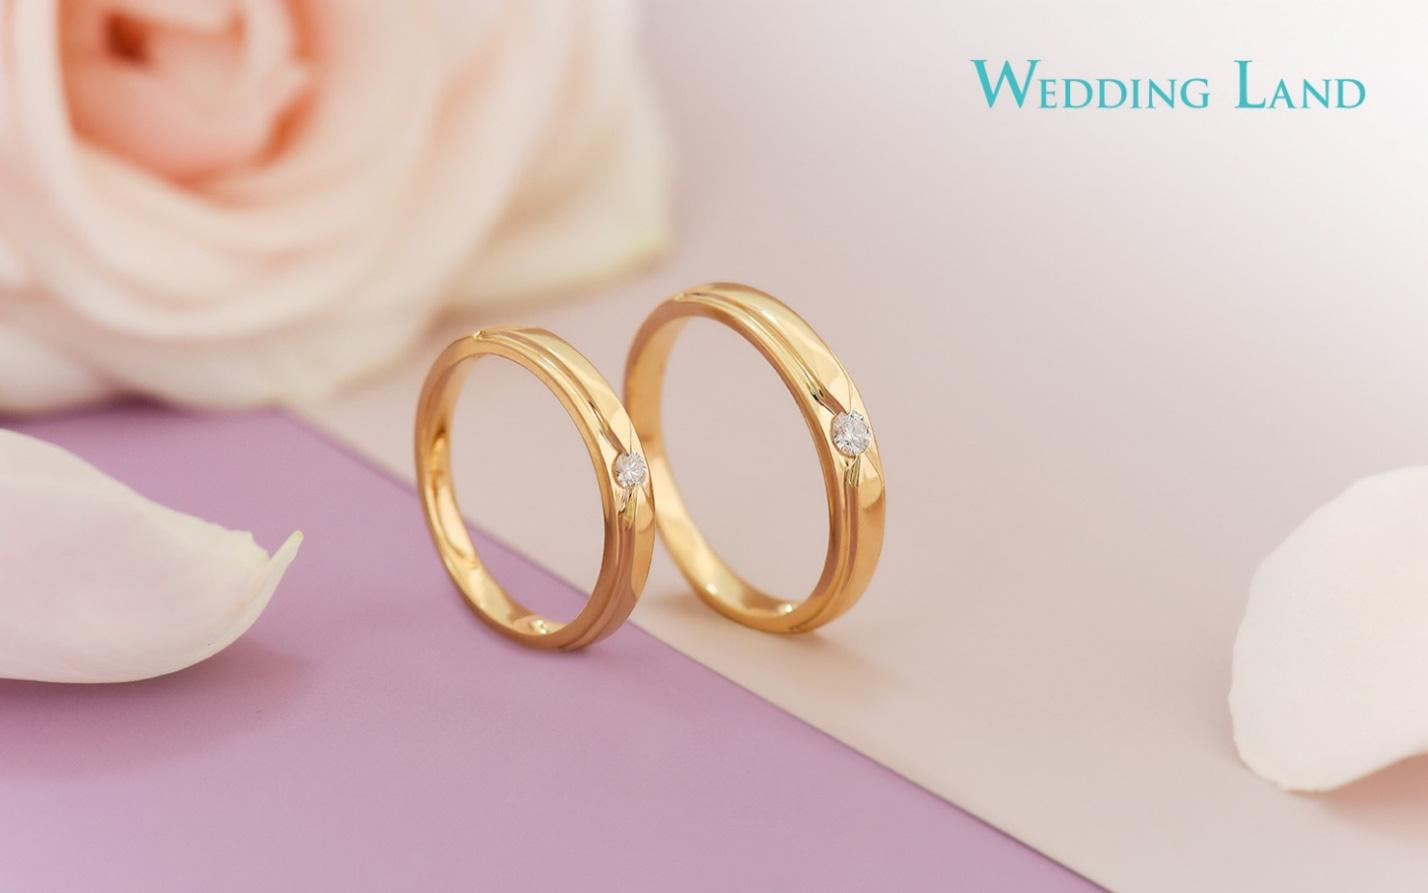 Mua nhẫn cưới kim cương tự nhiên Wedding Land giá chỉ từ 6 triệu đồng - Ảnh 3.